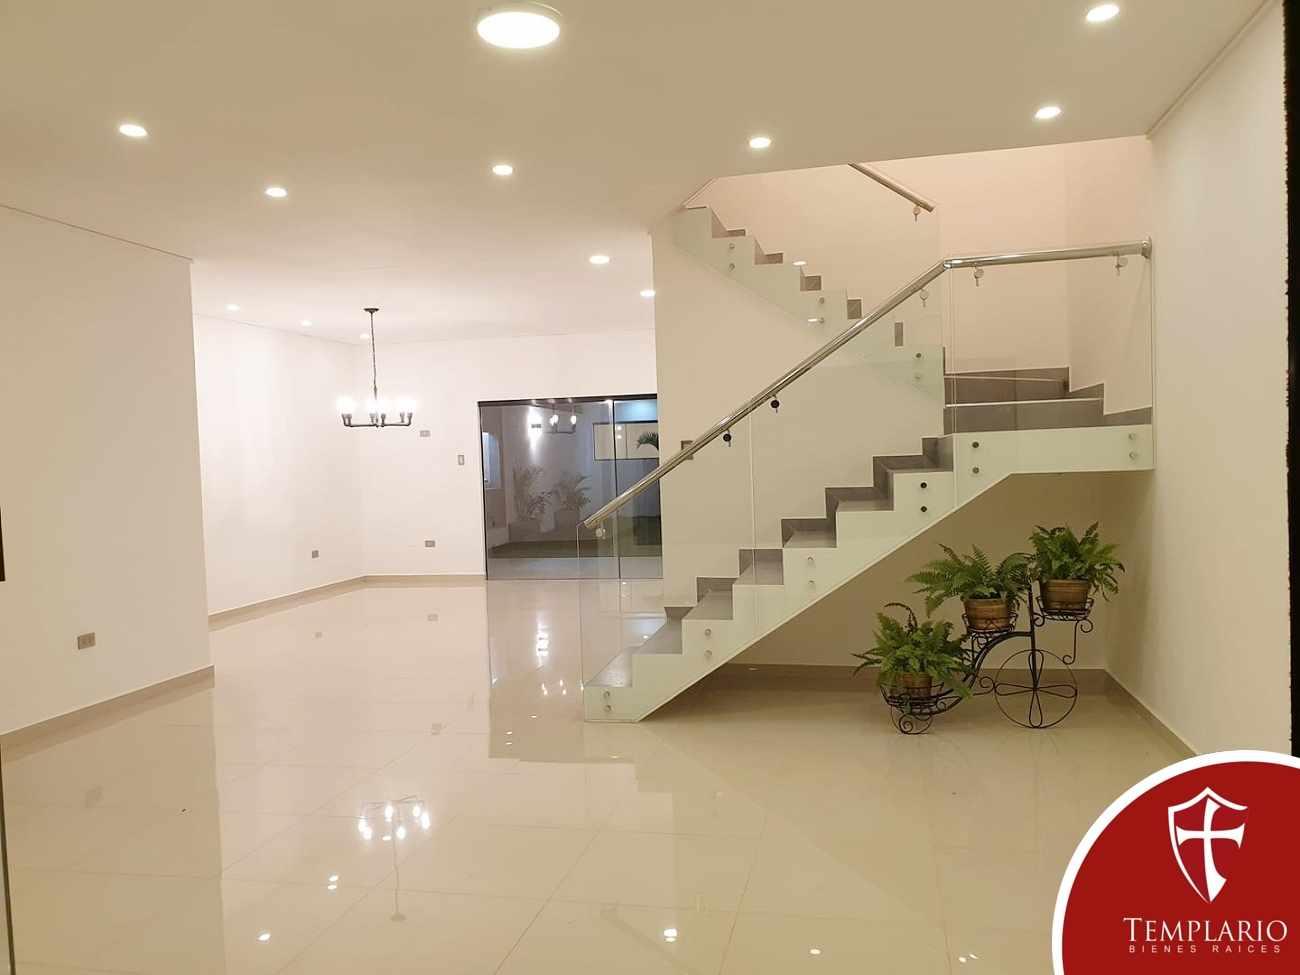 Casa en Venta Av. Santos Dumont 3er y 4to Anillo - Vecindario Residencial Foto 20